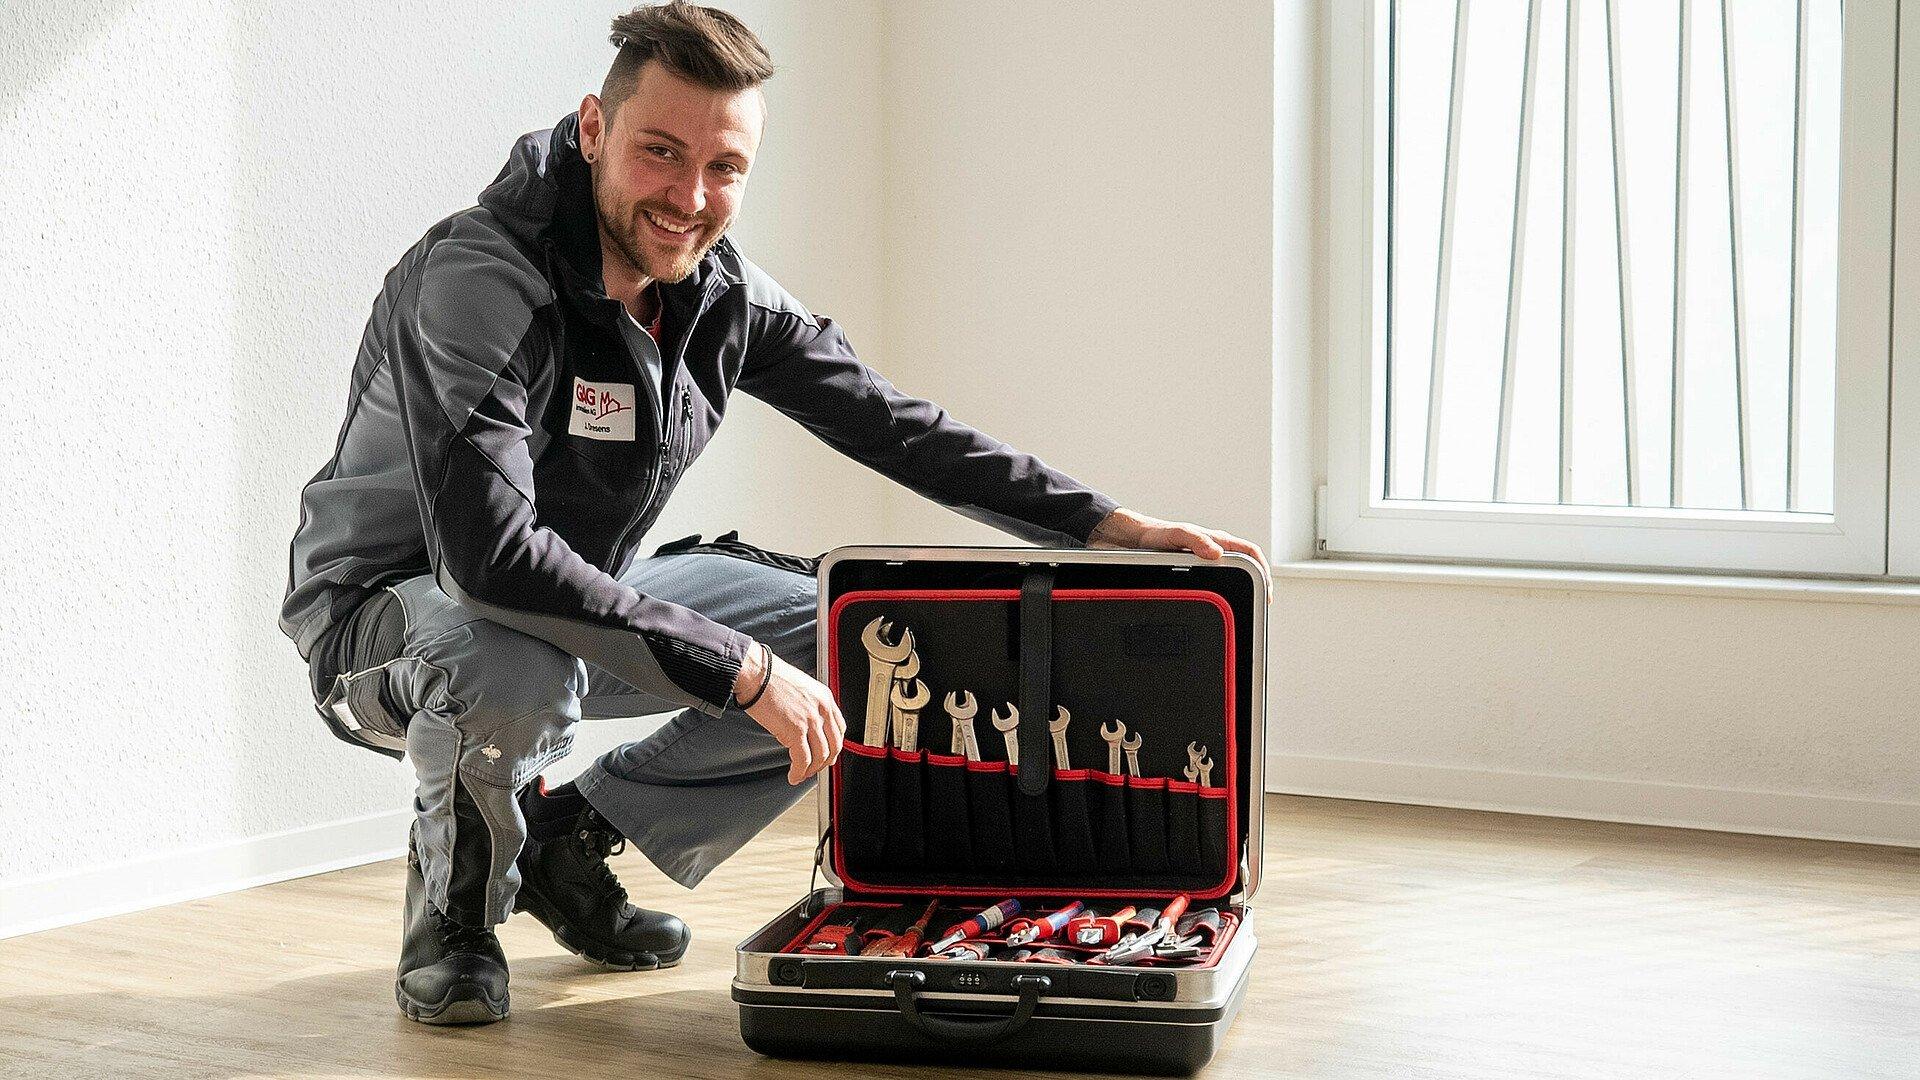 GAG-Hausmeister Justin Dresens präsentiert seine Grundausstattung an Werkzeug